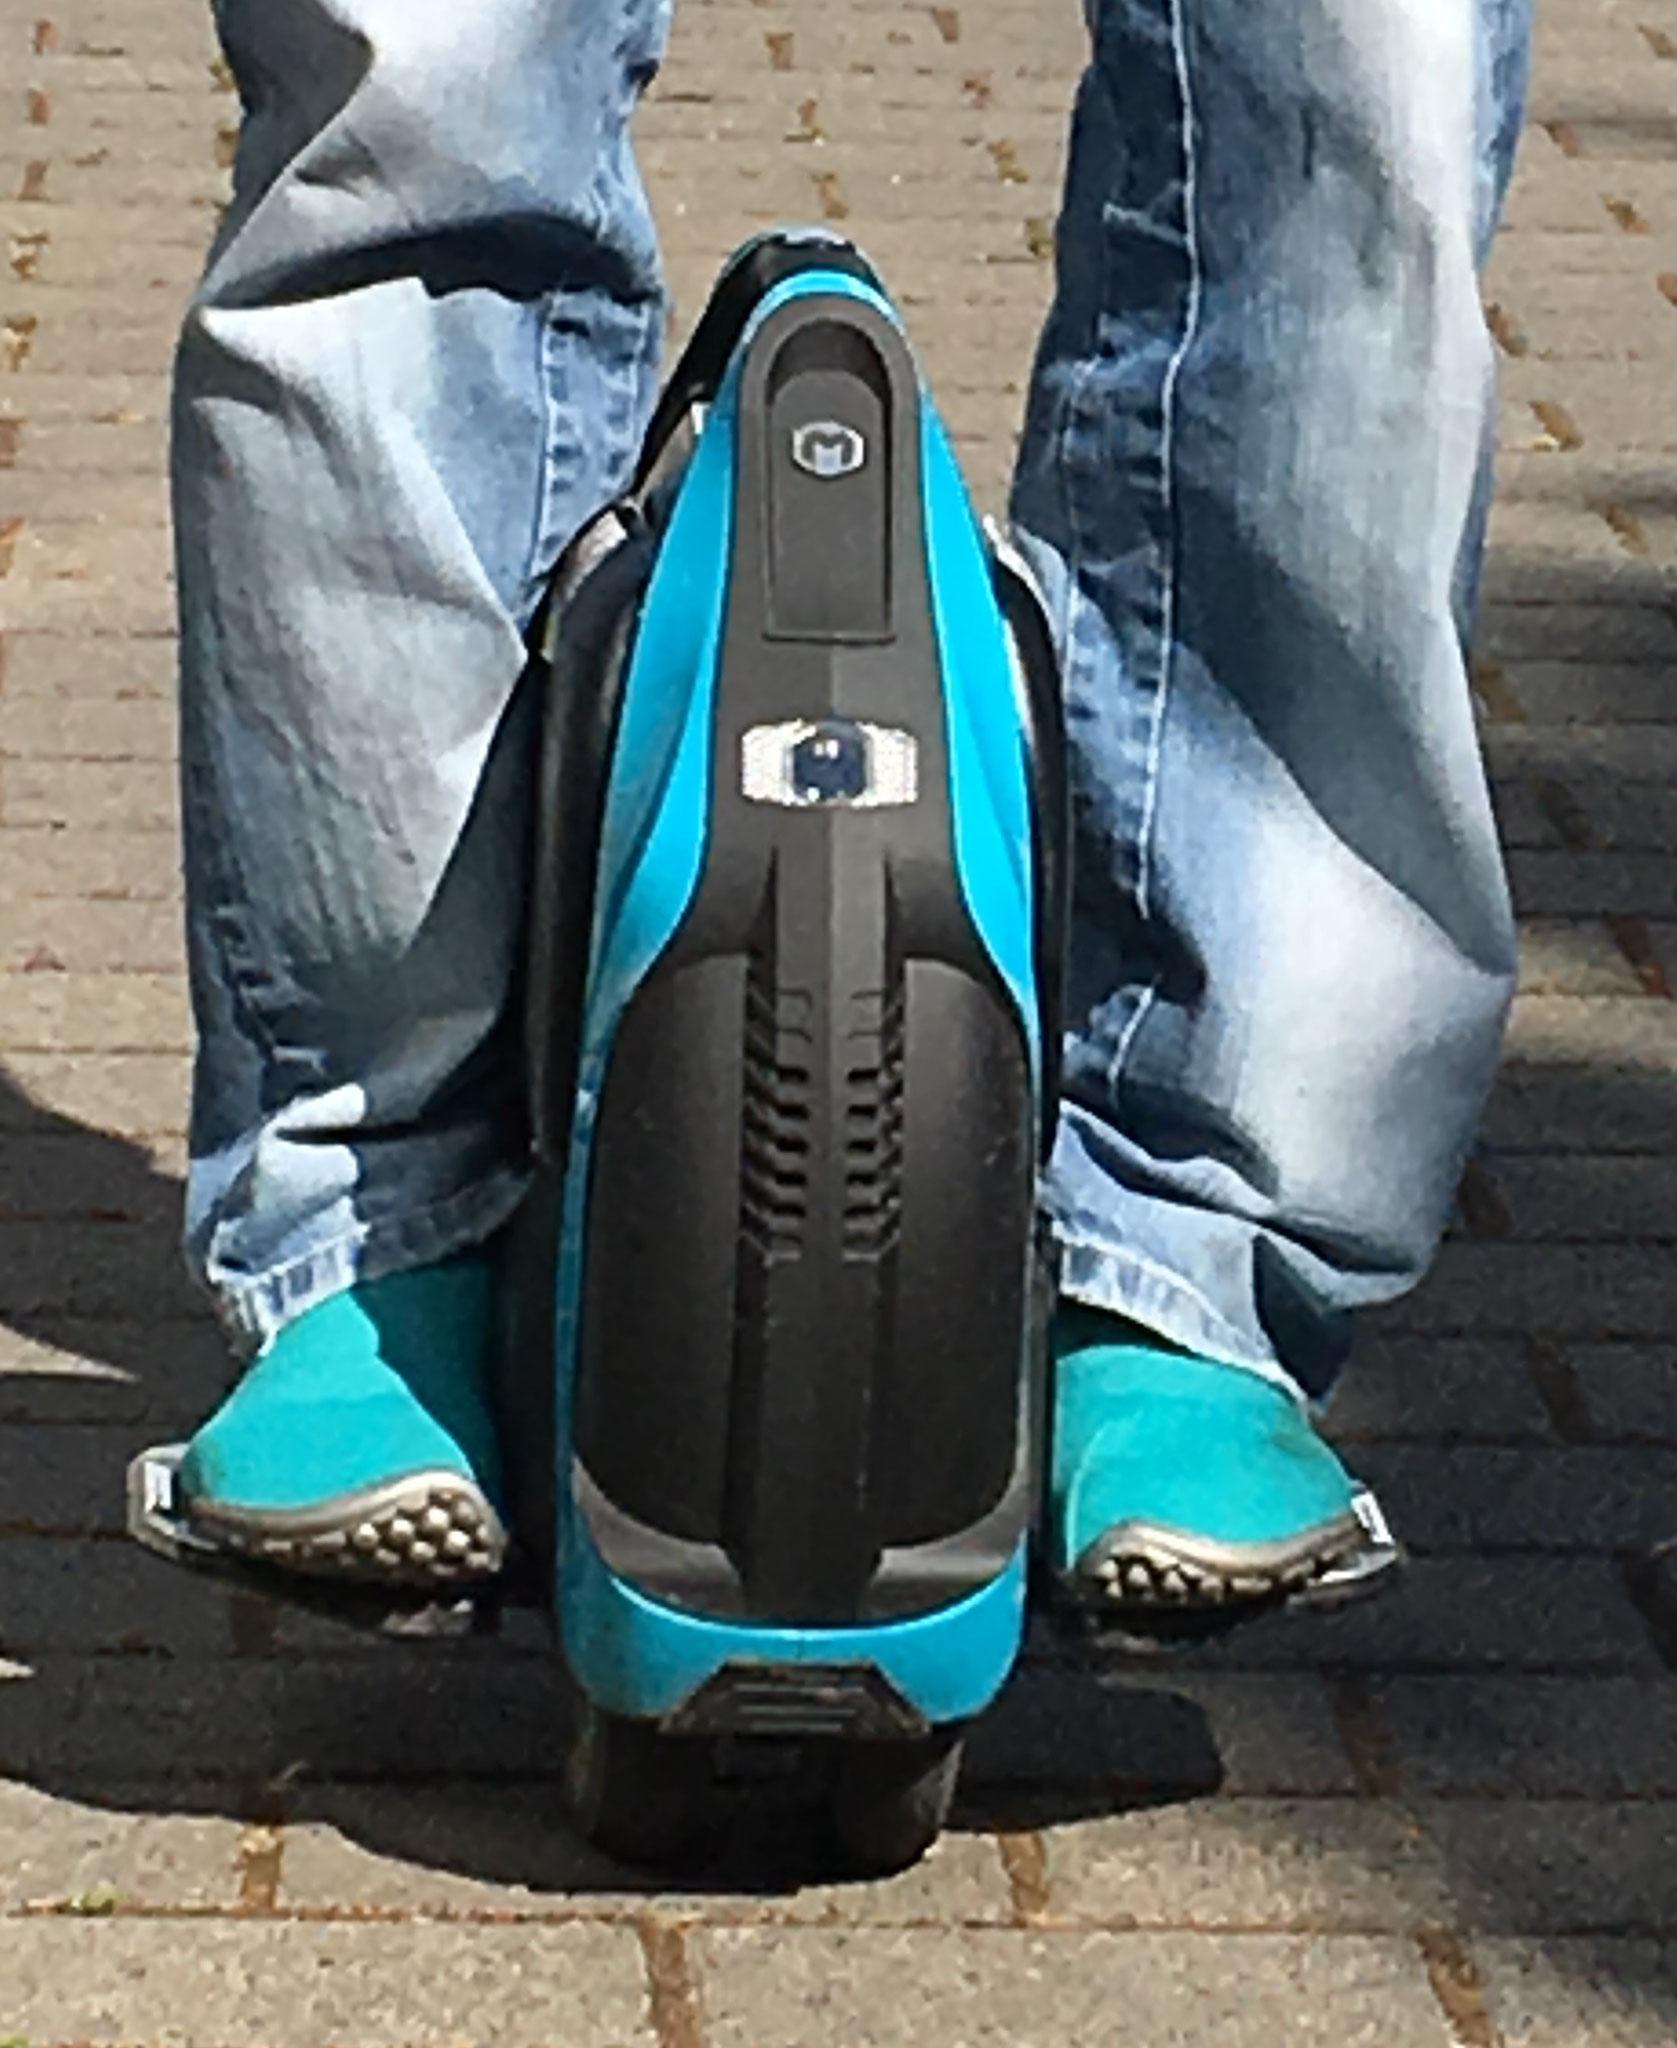 Inmotion V3-S fahren mit dem leguano® sneaker.